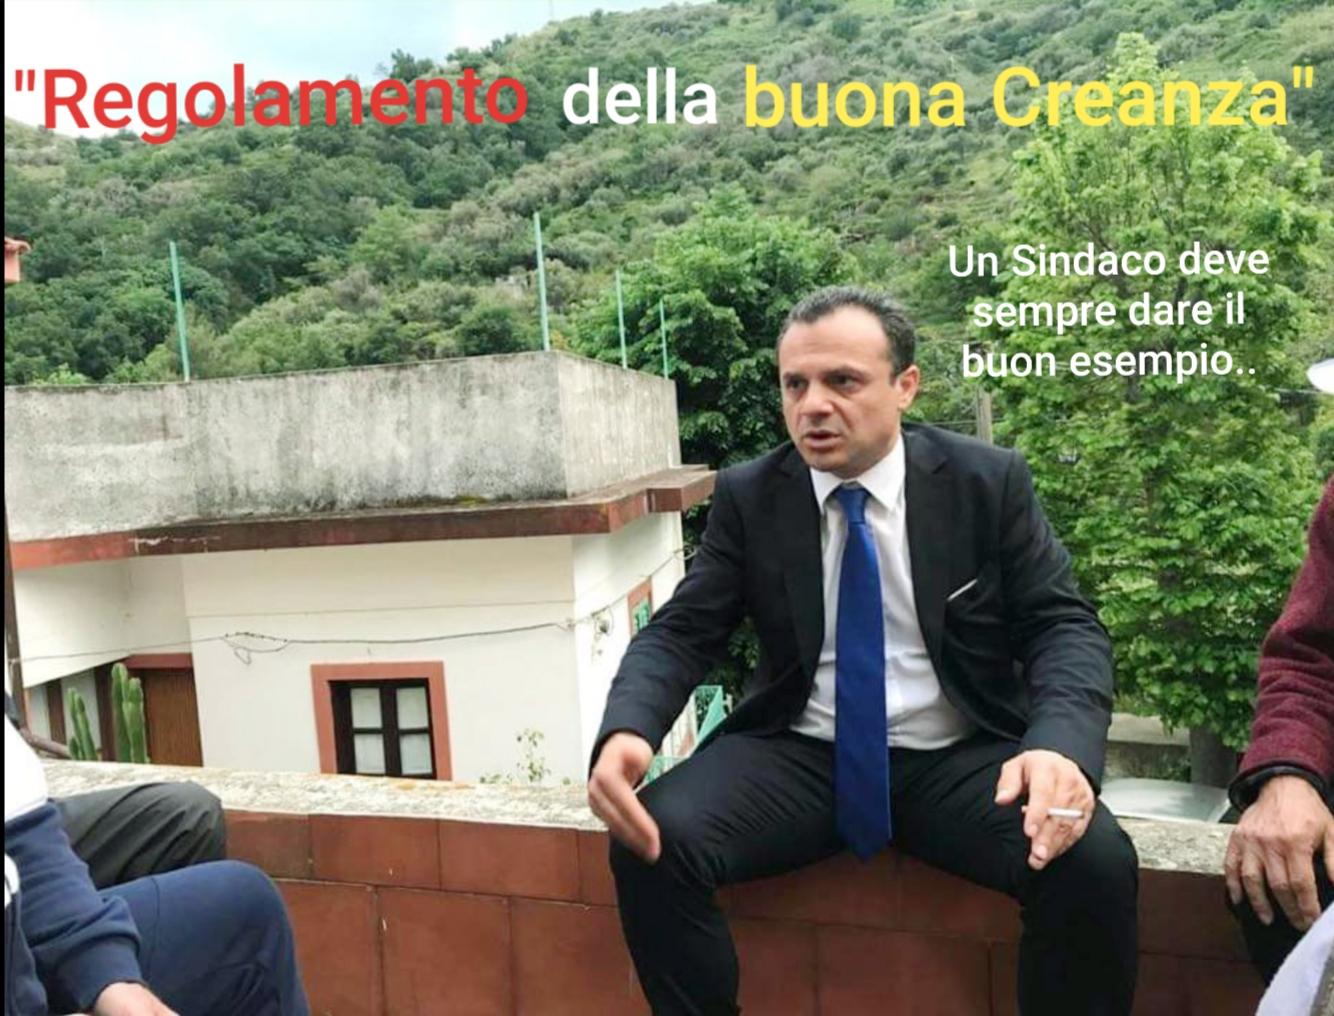 Un regolamento per le buone maniere di De Luca: la nuova provocazione di Mli